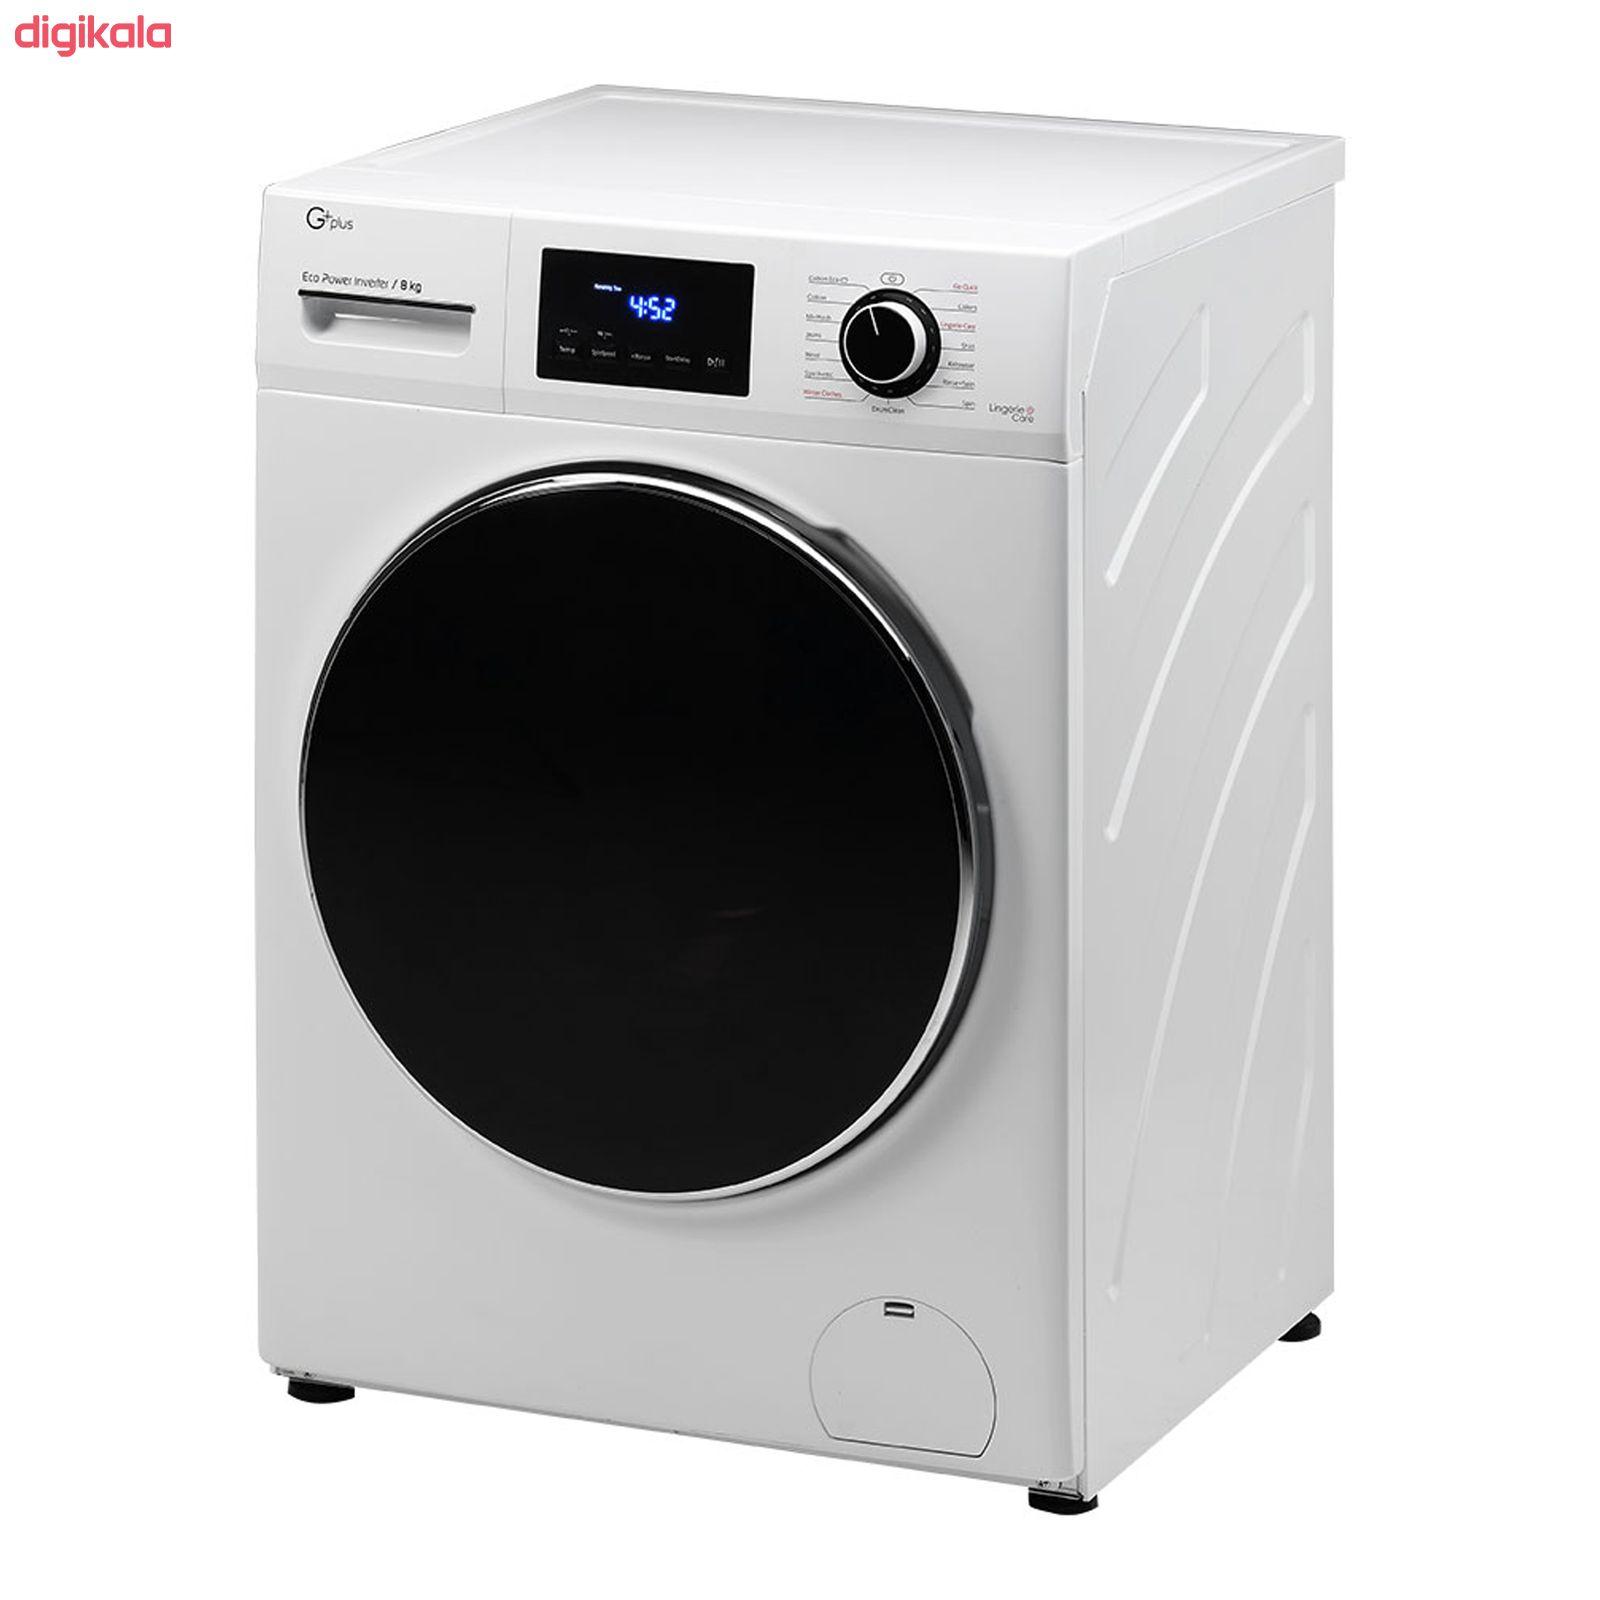 ماشین لباسشویی جی پلاس مدل J8470W ظرفیت 8 کیلوگرم main 1 2